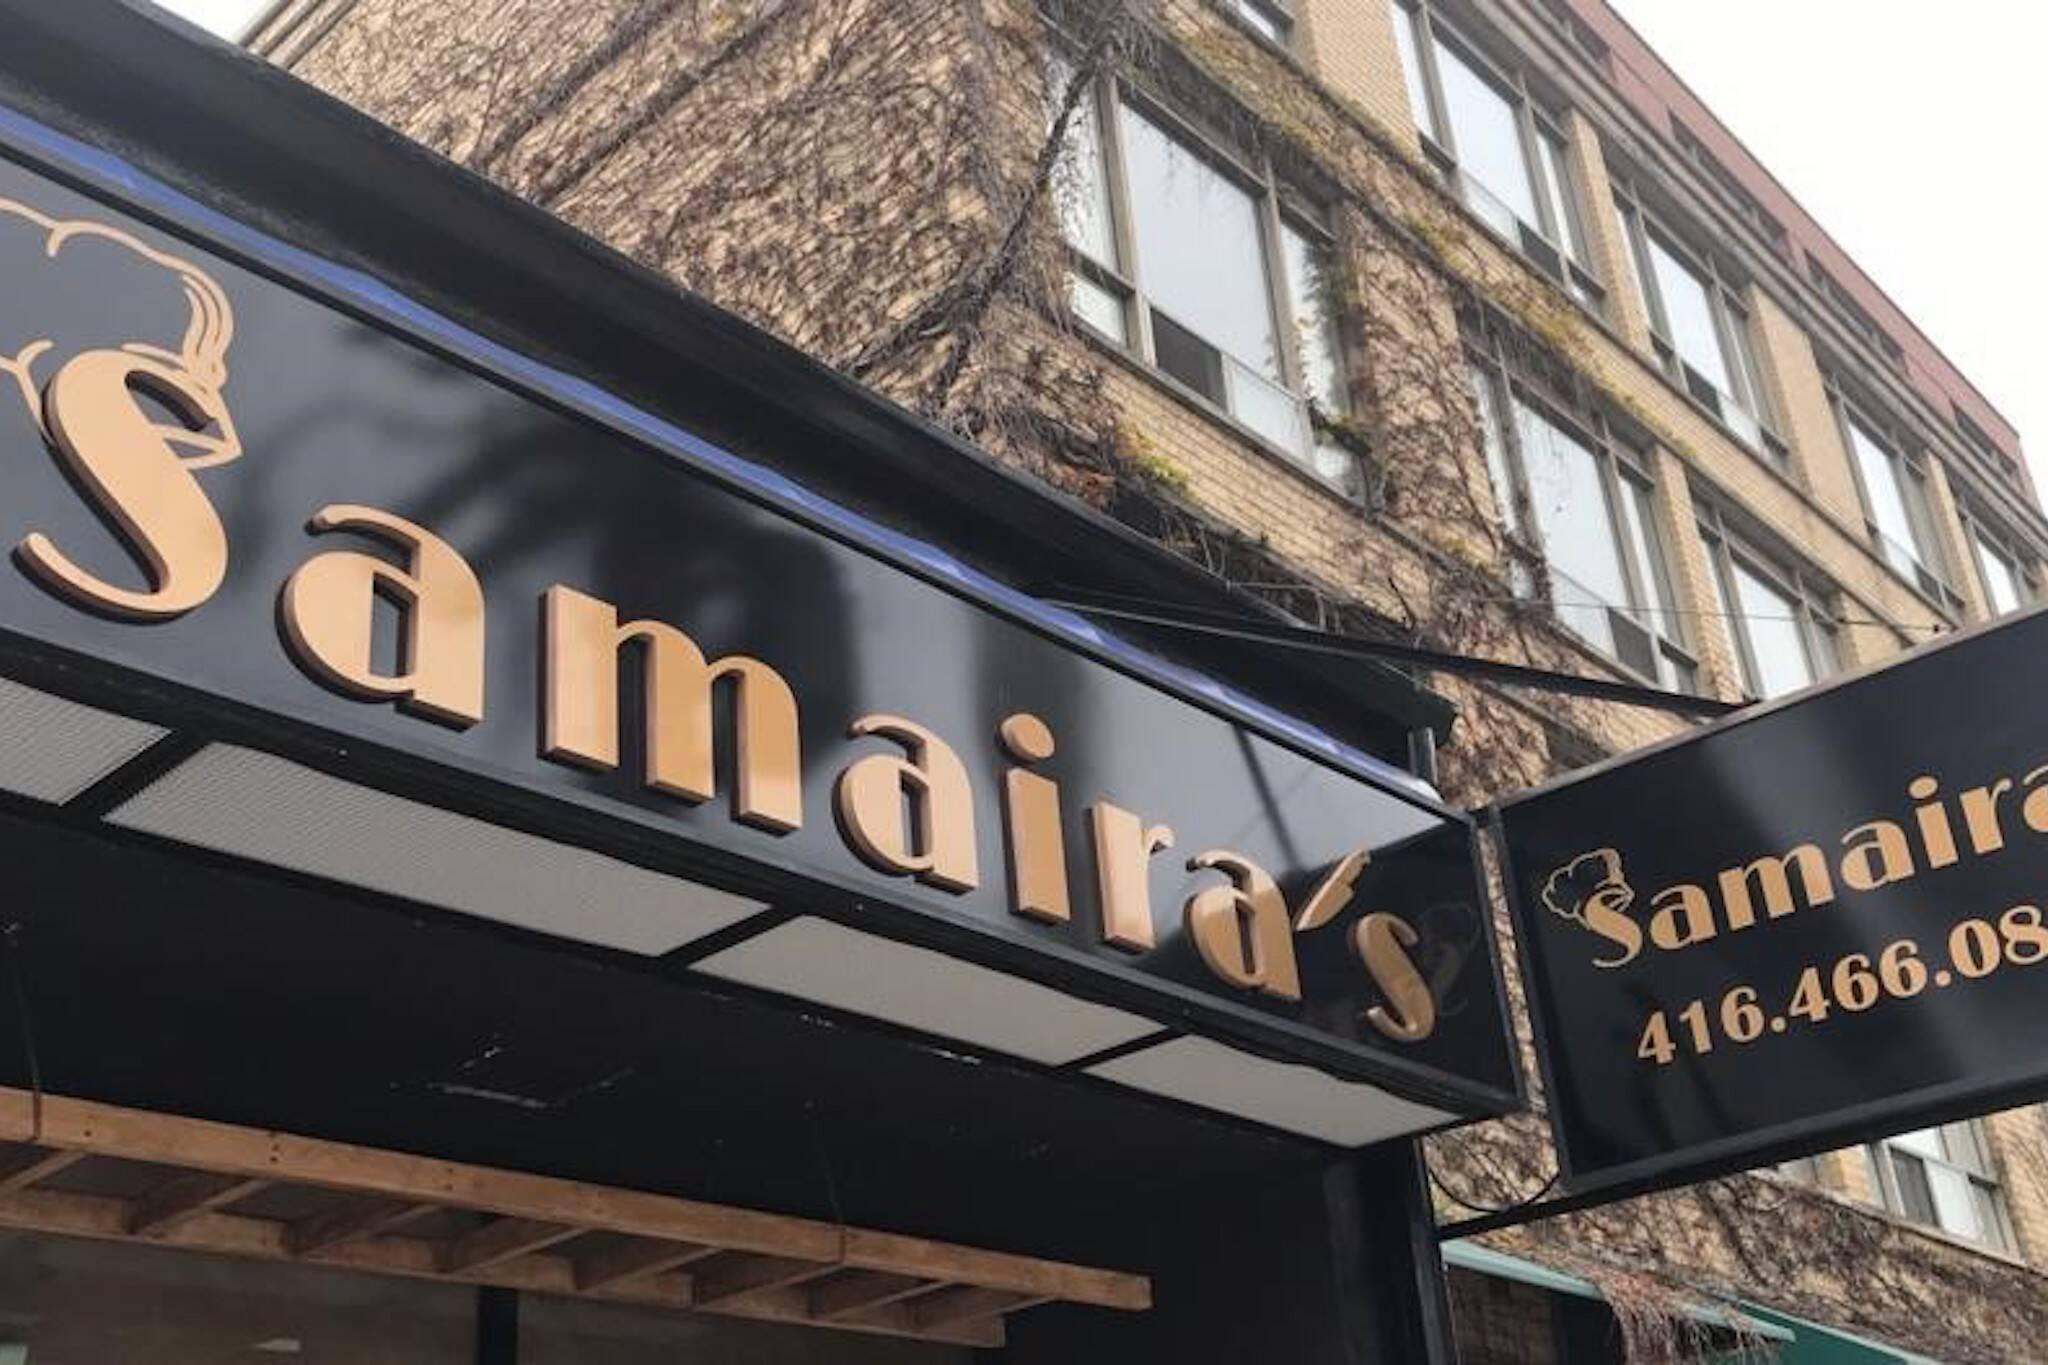 Samairas Toronto